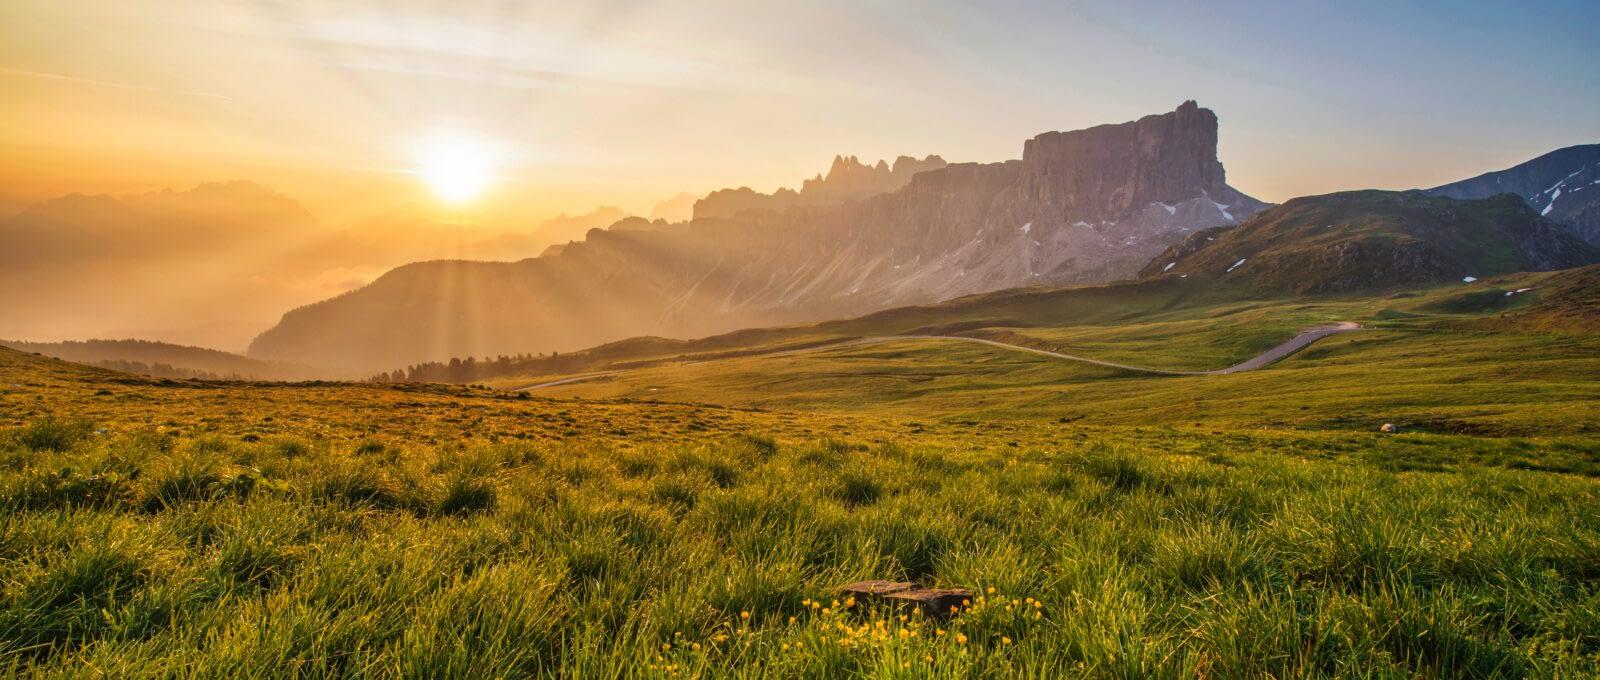 landscape photo check guide